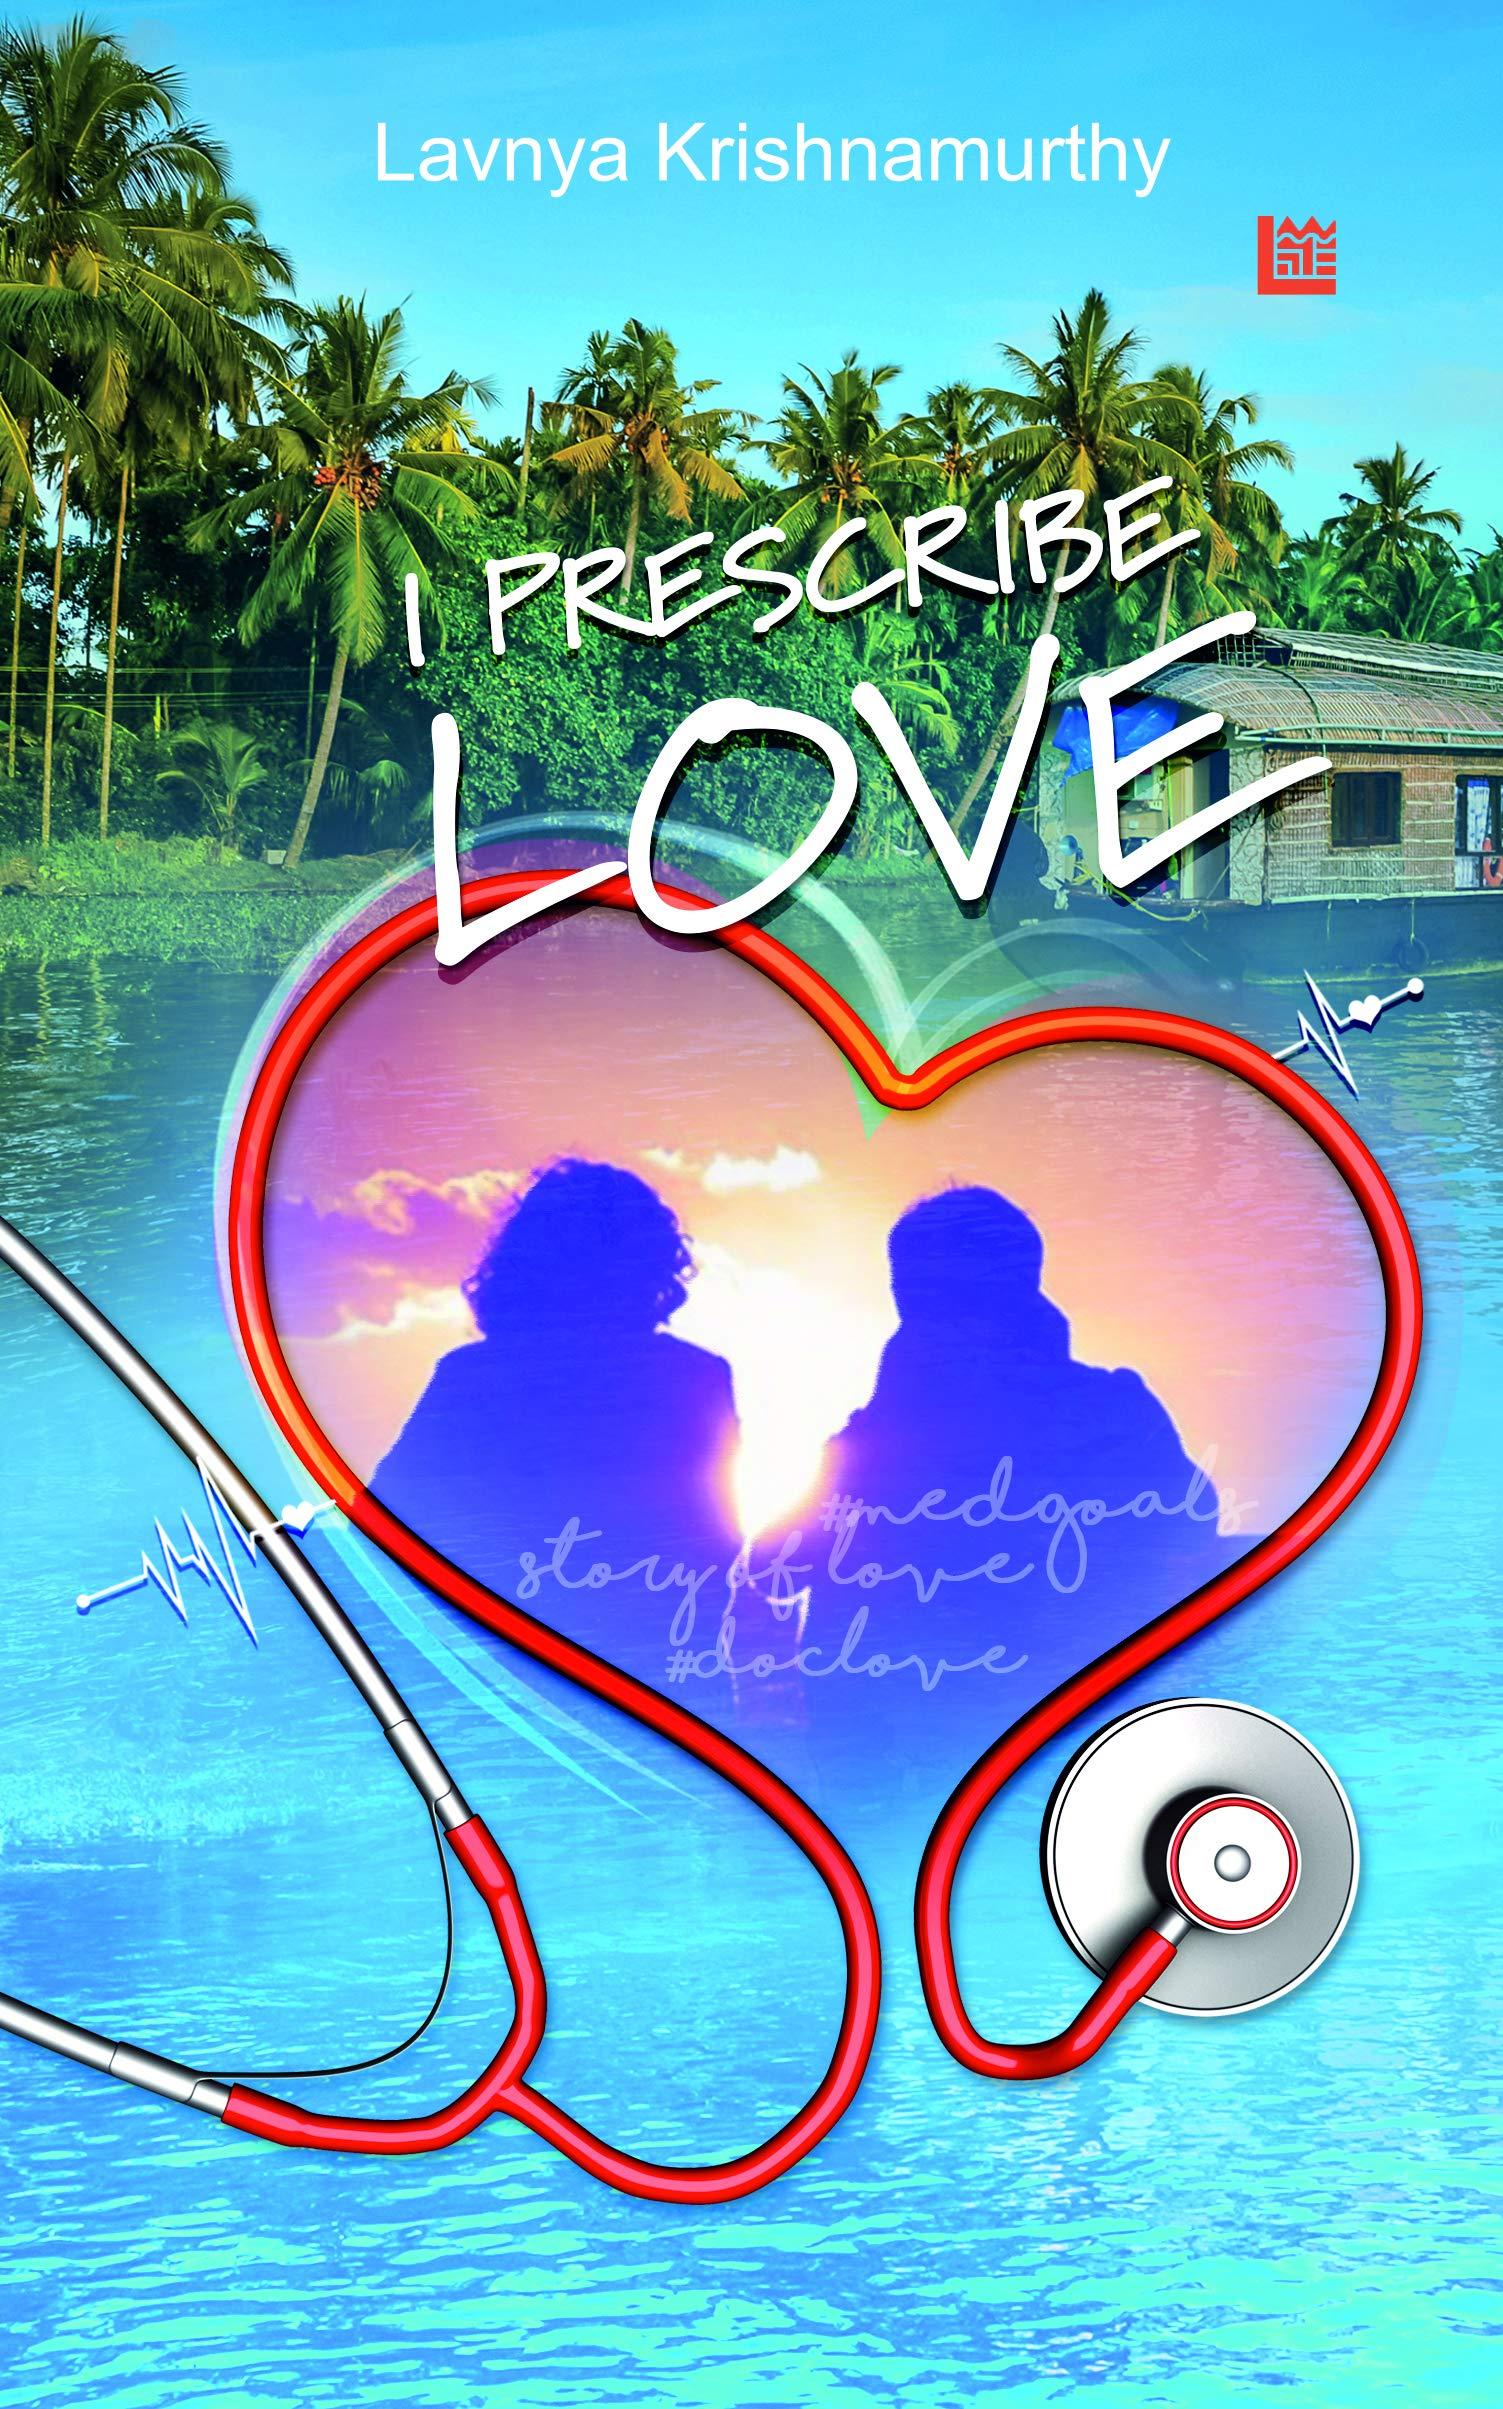 Book Review - I Prescribe Love by Lavnya Krishnamurthy